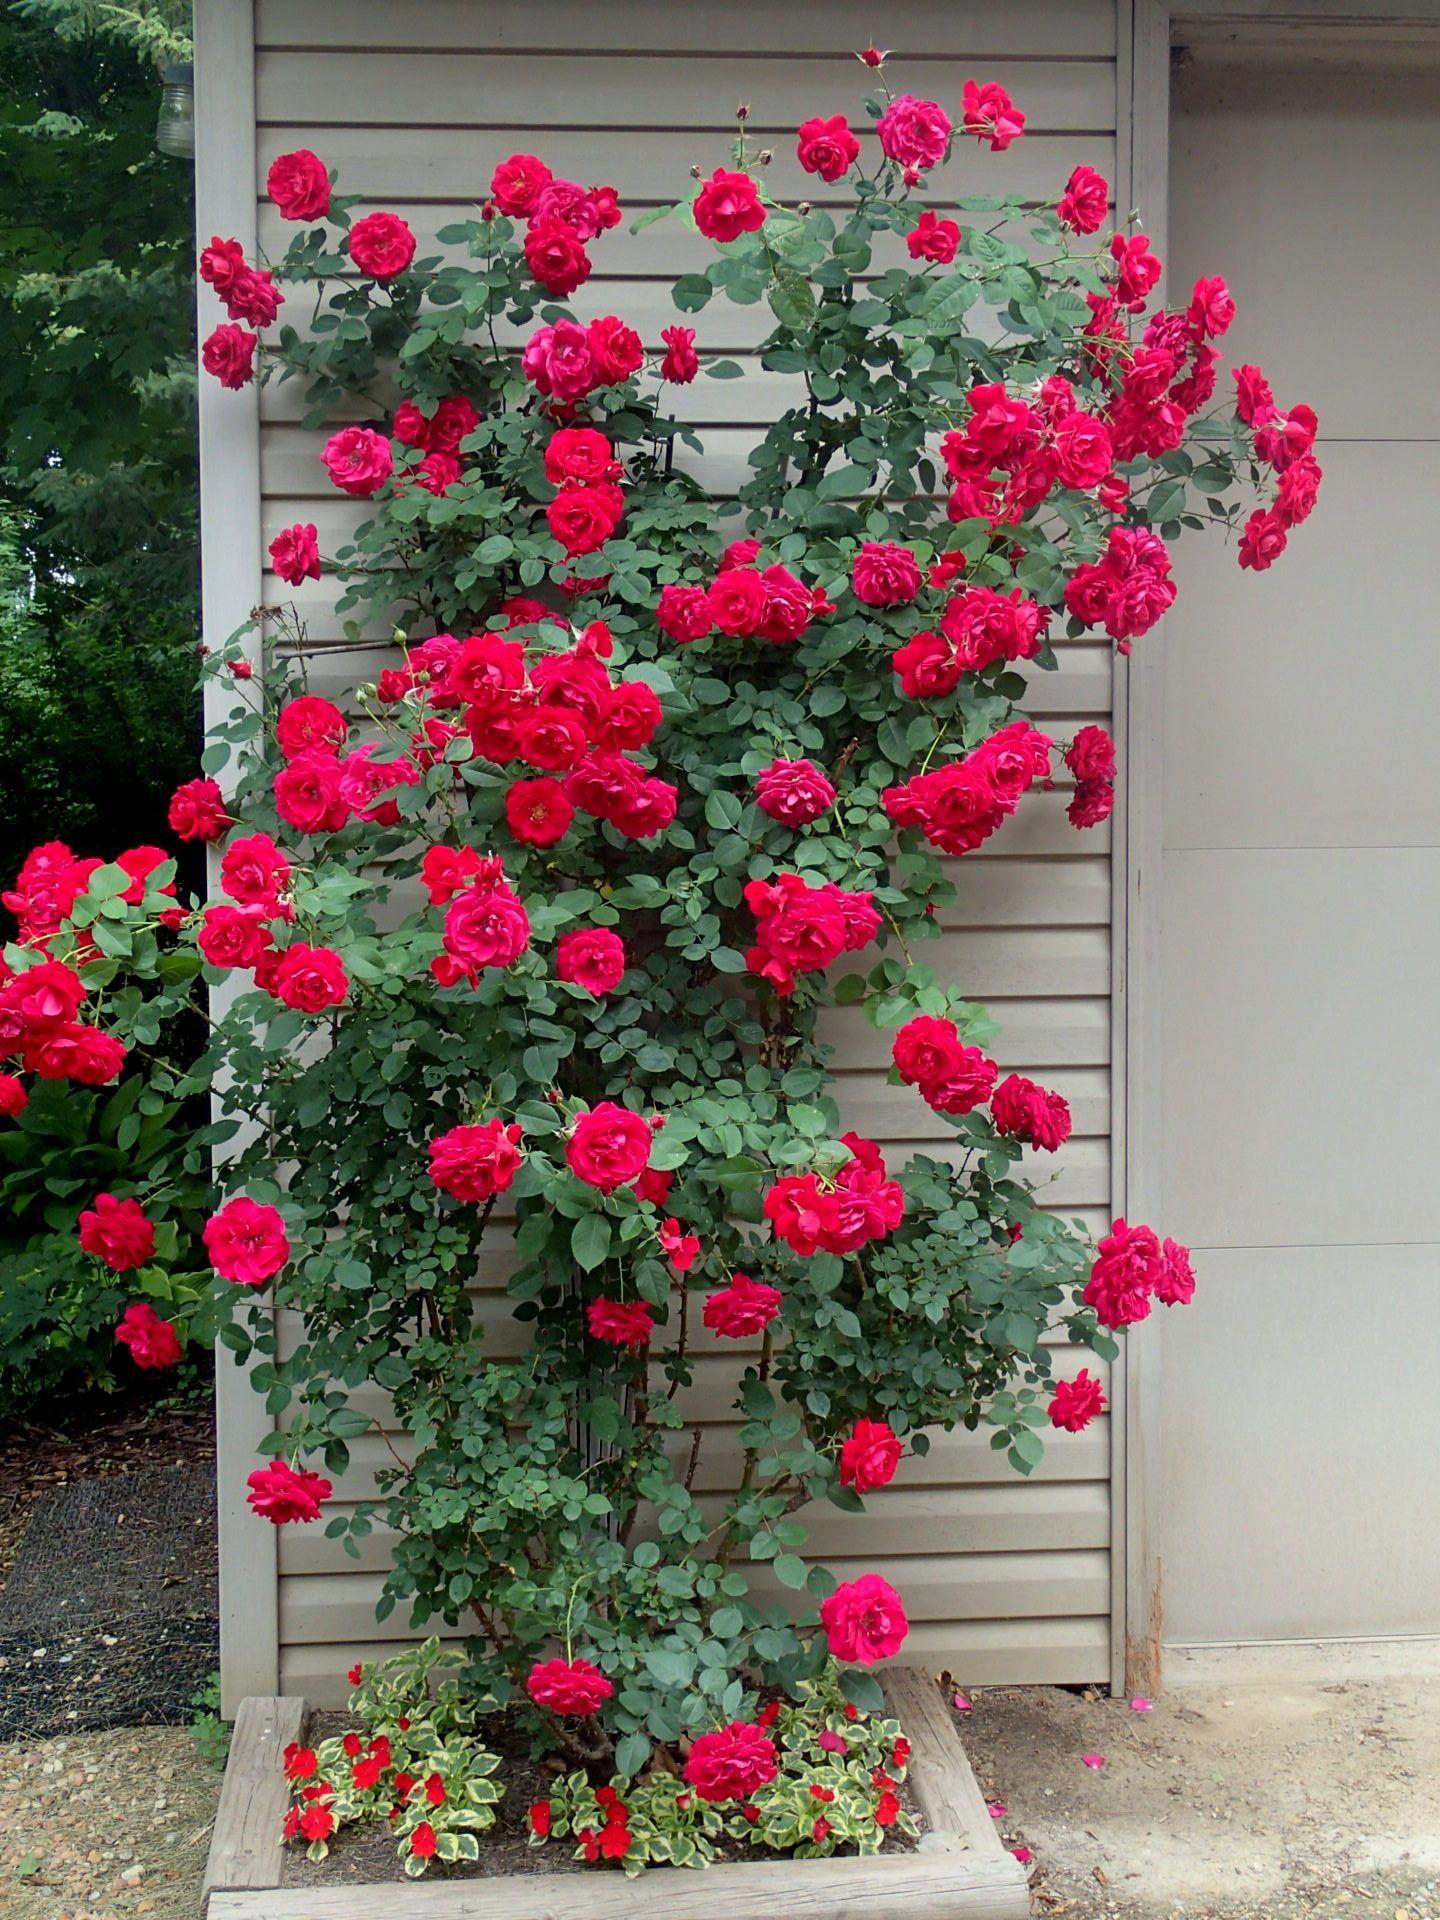 Ramblin' Red Rose